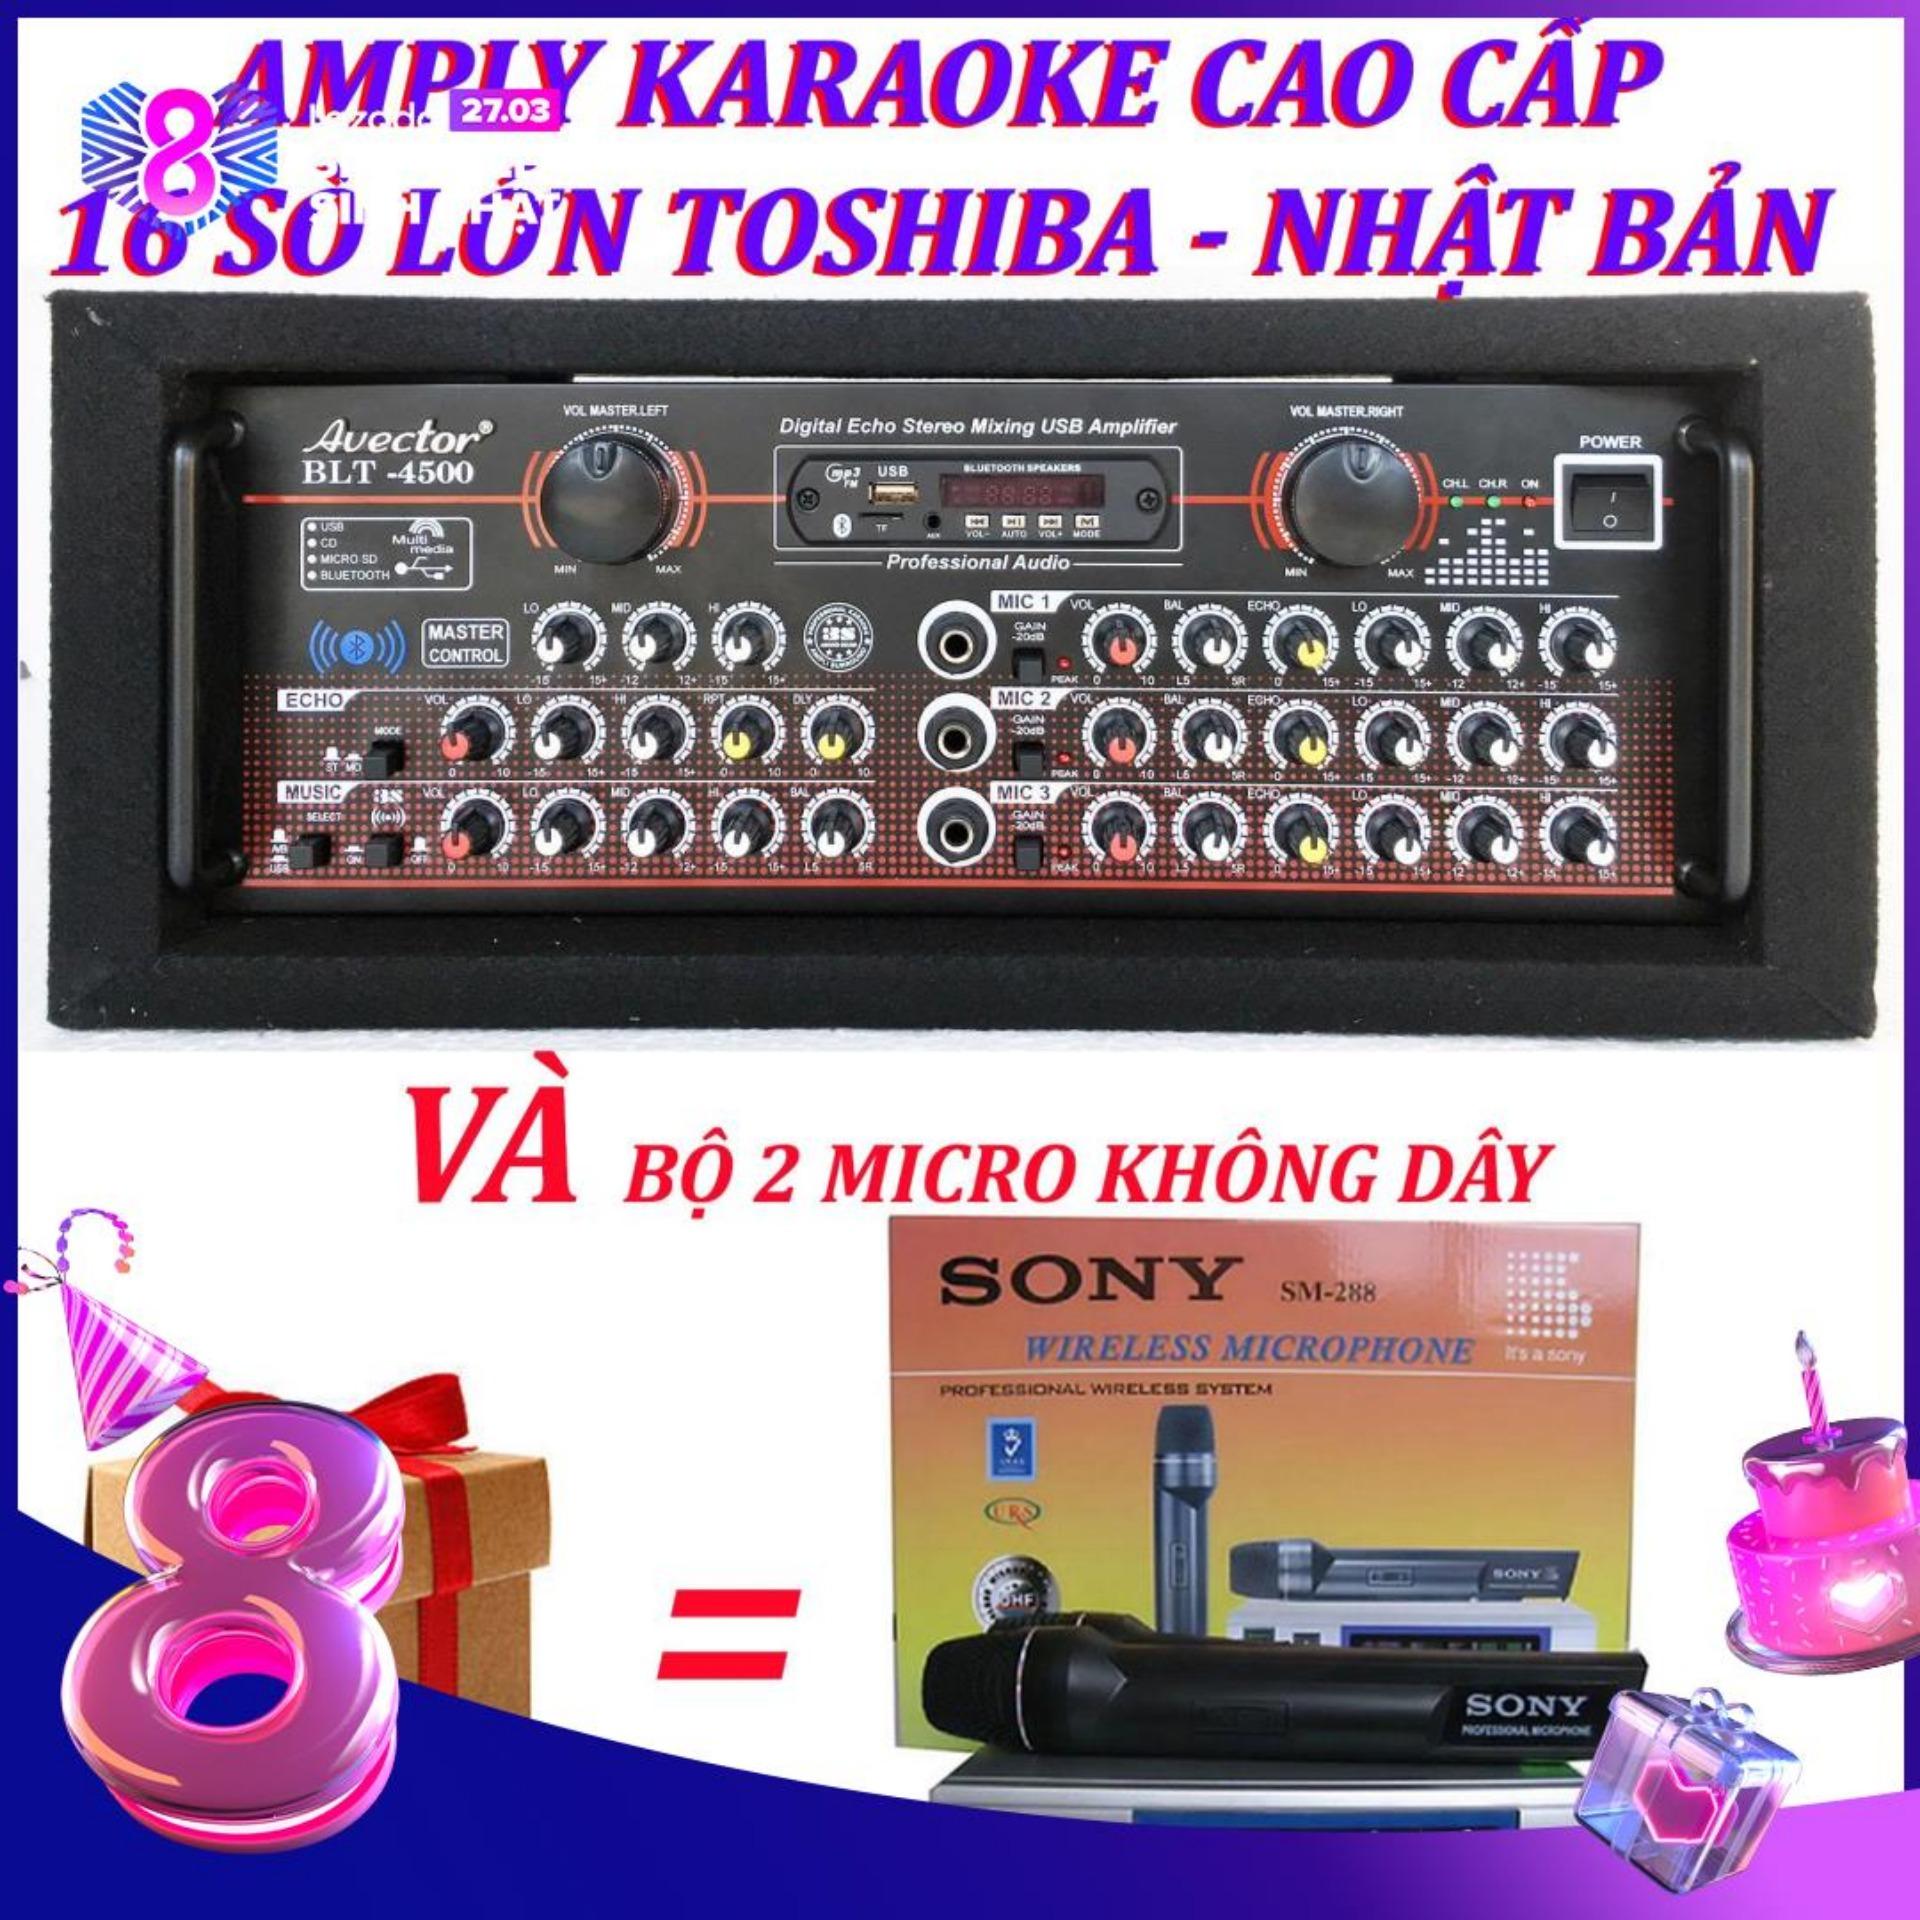 Amply karaoke ampli bluetooth amply nghe nhac amply karaoke hay cao cấp avector 4500 VÀ bộ micro không dây sm288